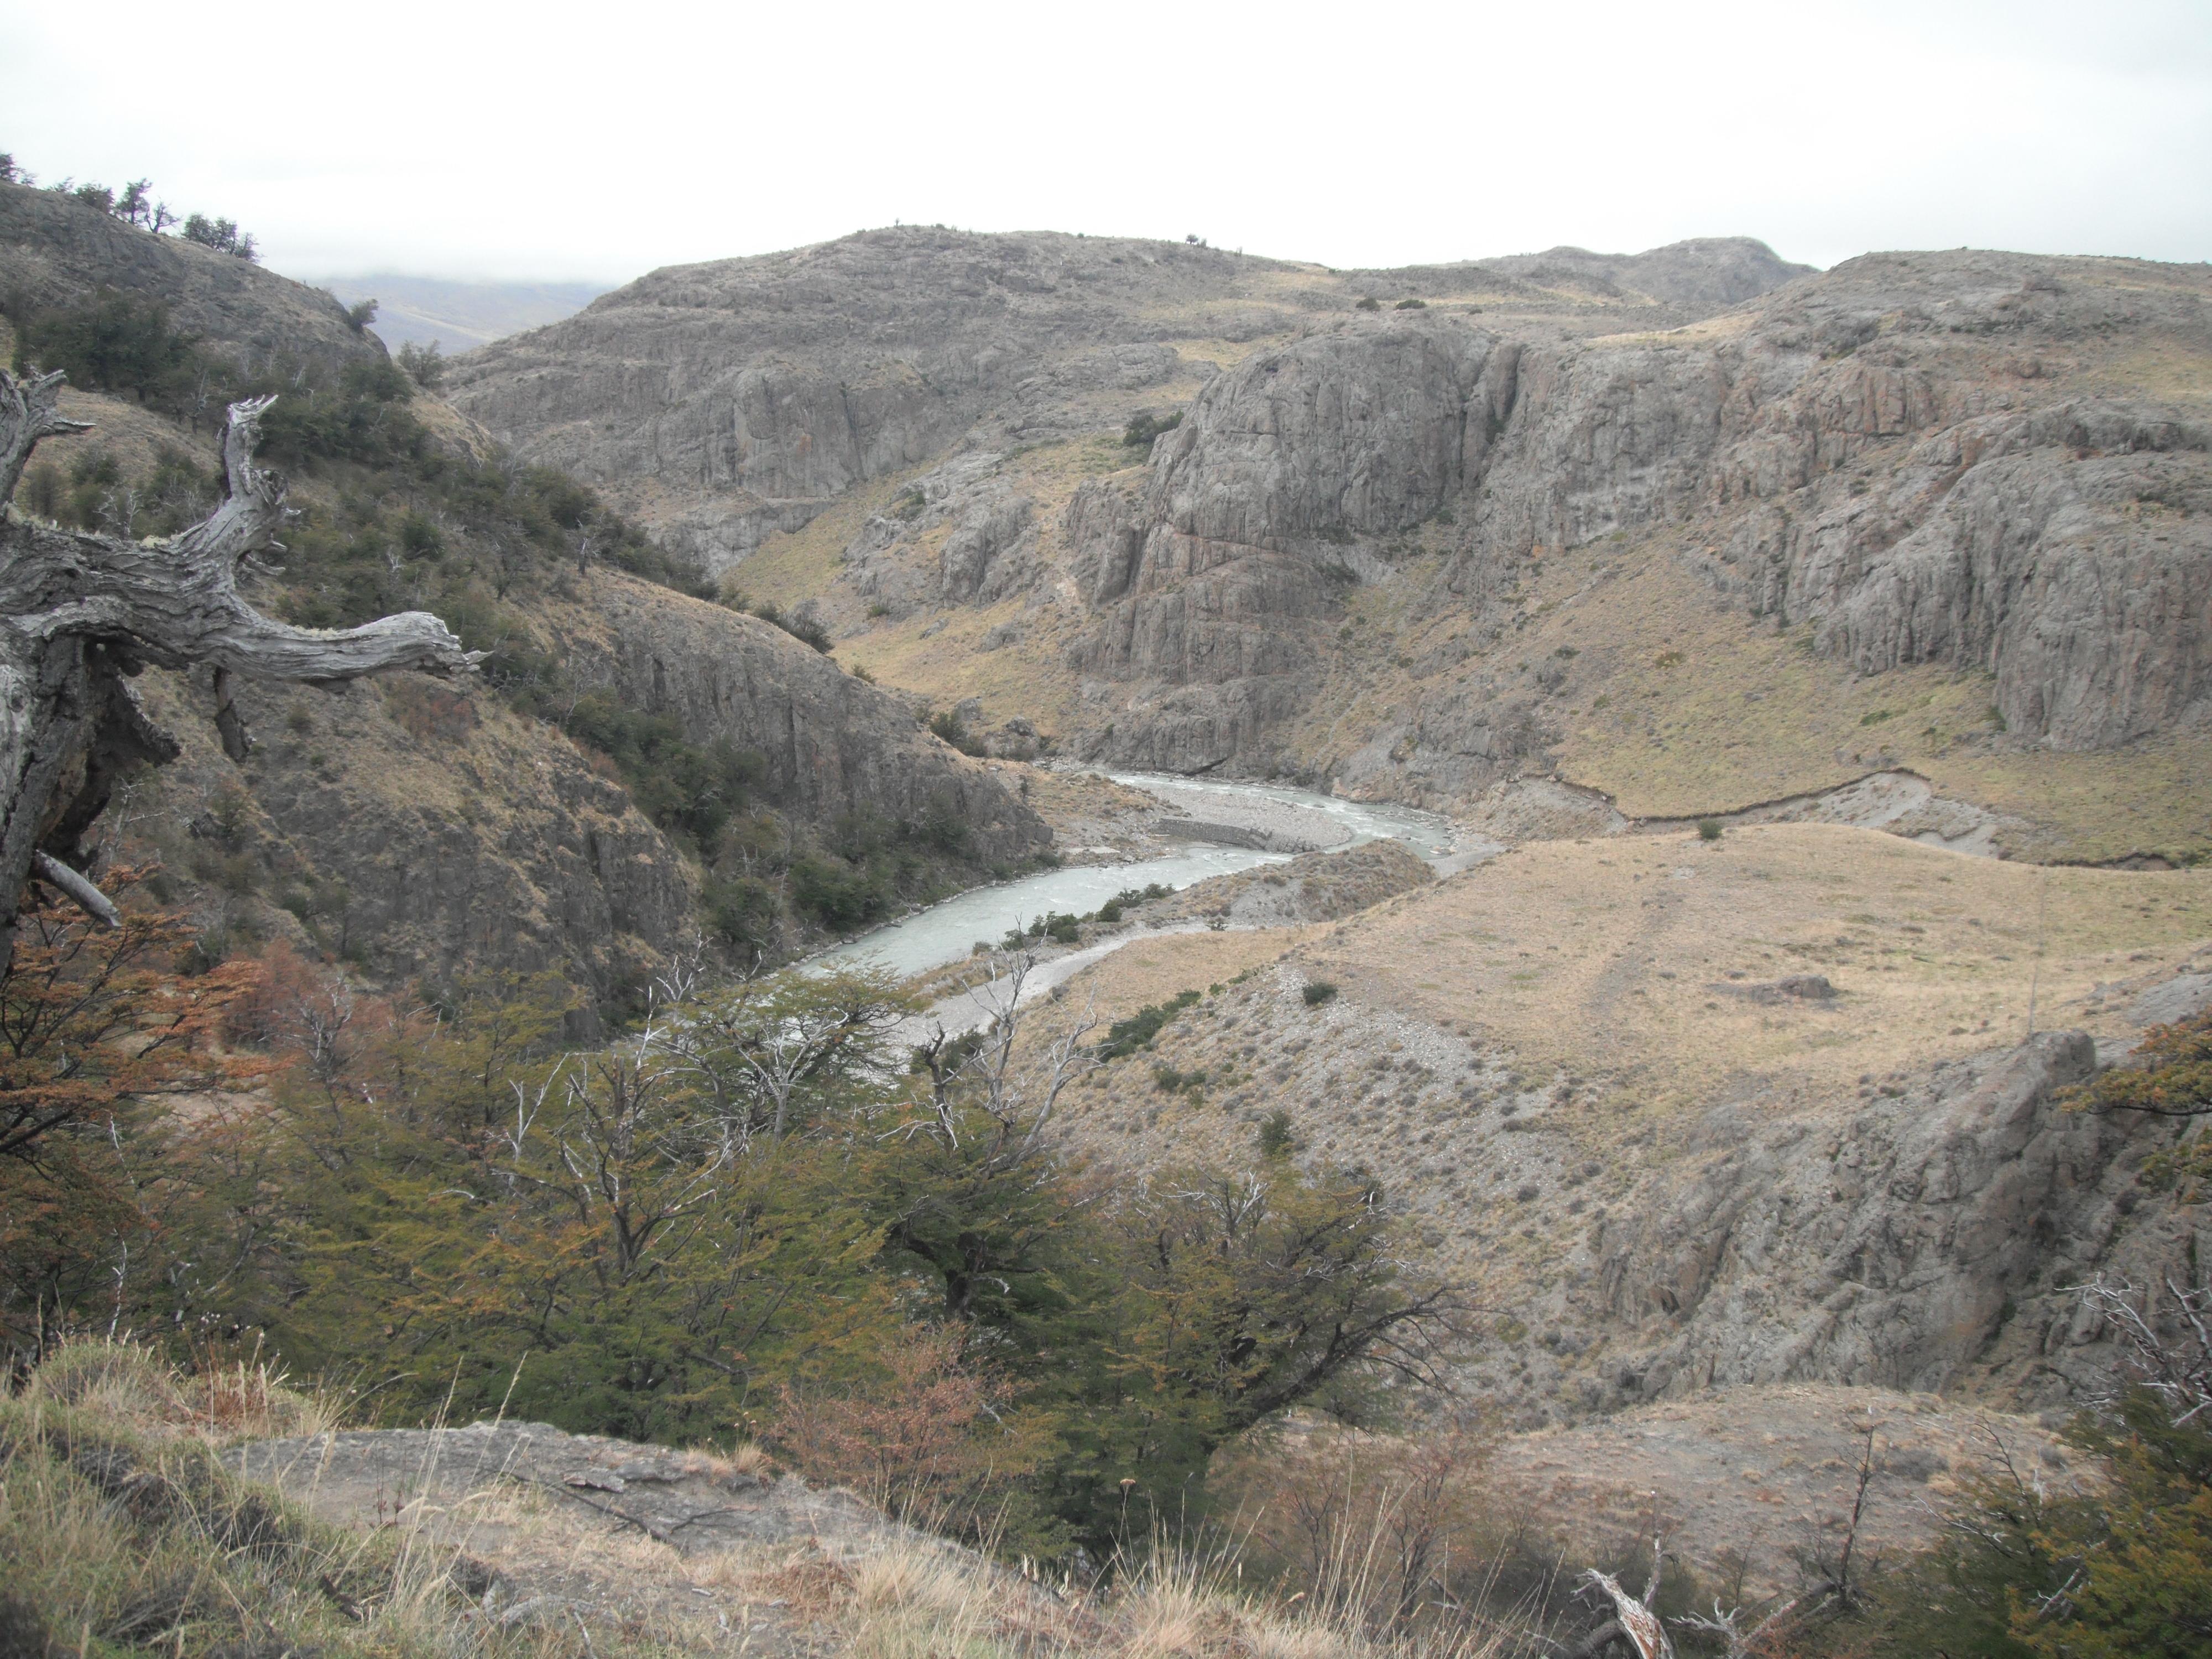 Аргентина.Склоны Серро Торре, речка Рио-Фицрой 28.02.2012